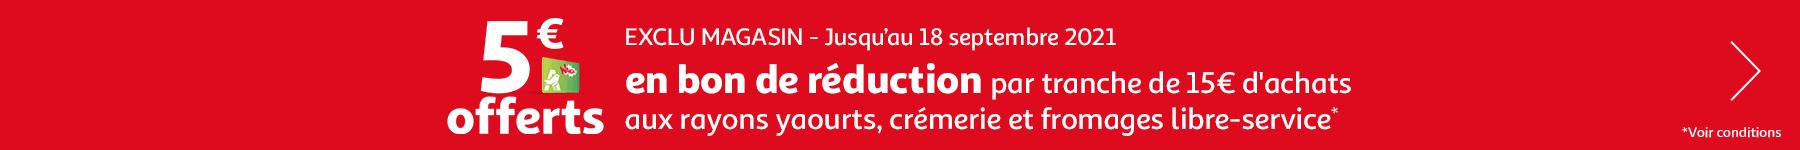 5€ offerts en bon de réduction par tranche de 15€ d'achats aux rayons yaourts, crémerie et fromages libre service